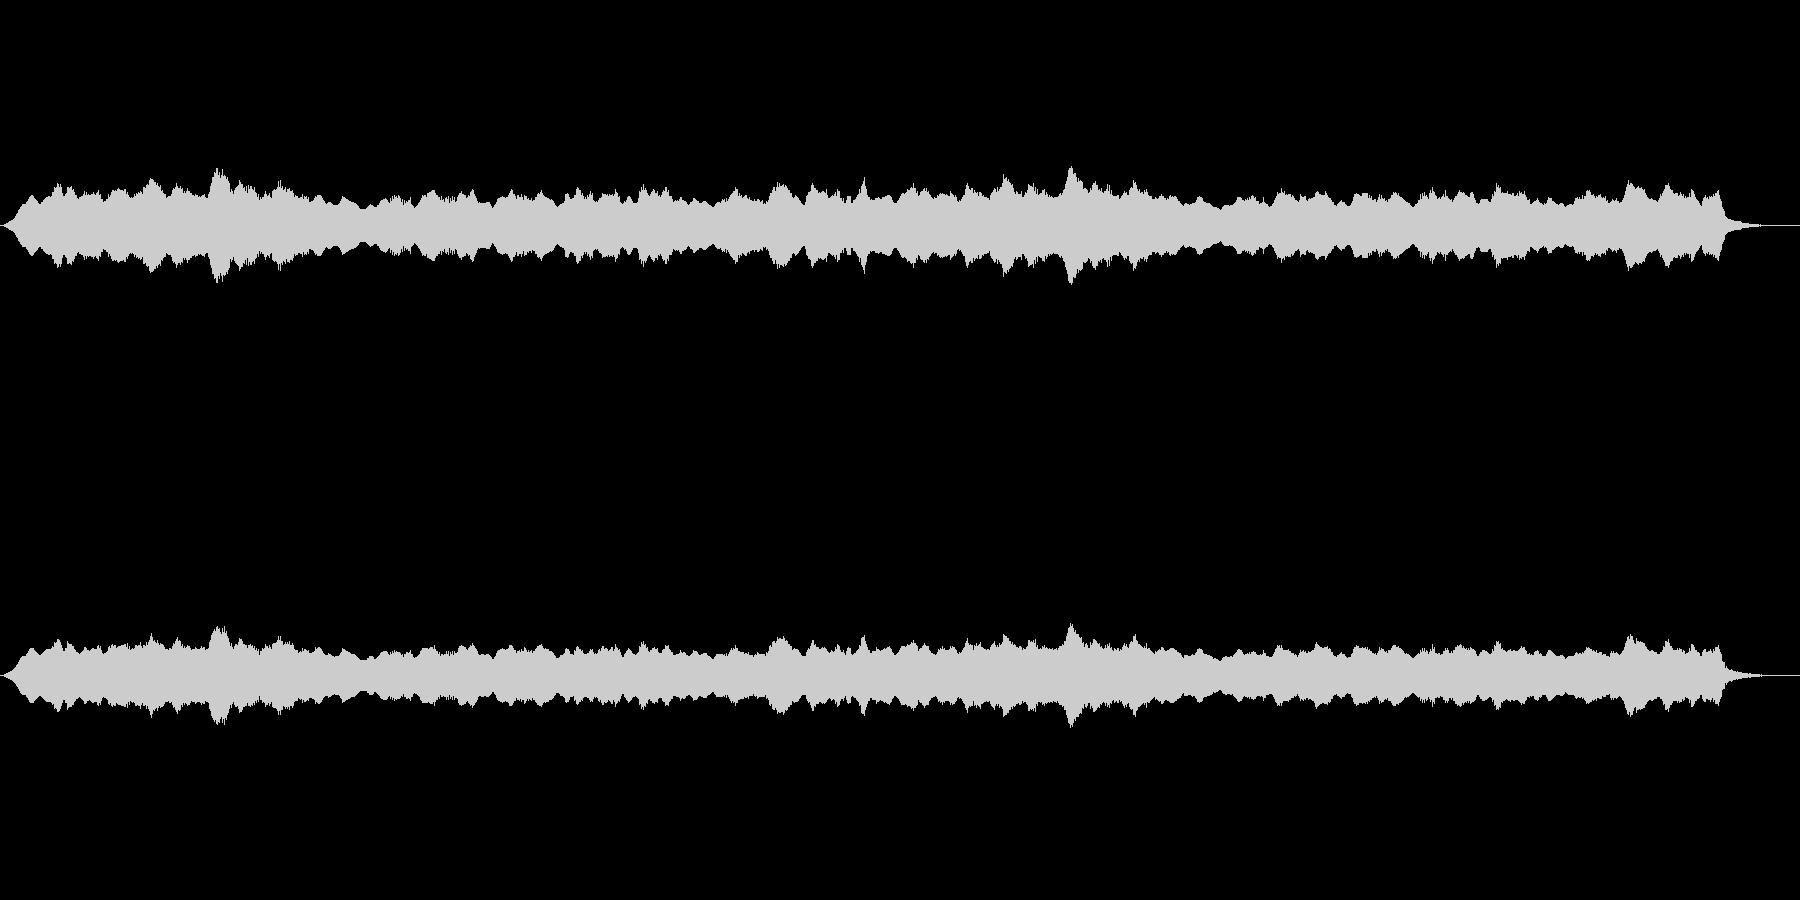 お寺などのヒーリング系の未再生の波形